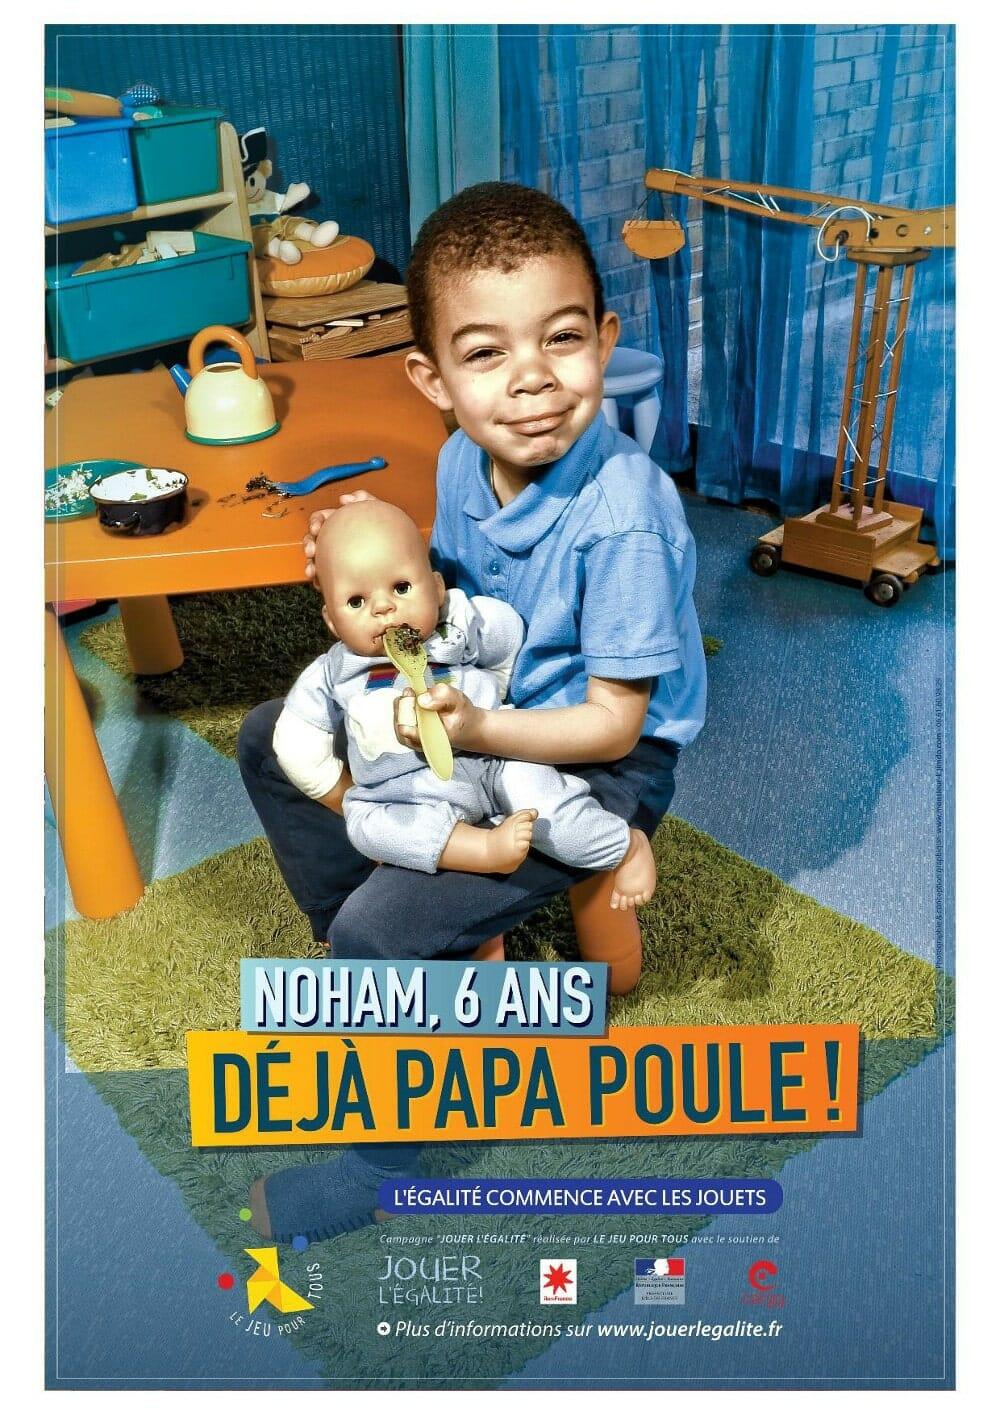 Jouer pour l'égalité : un garçon joue à la poupée